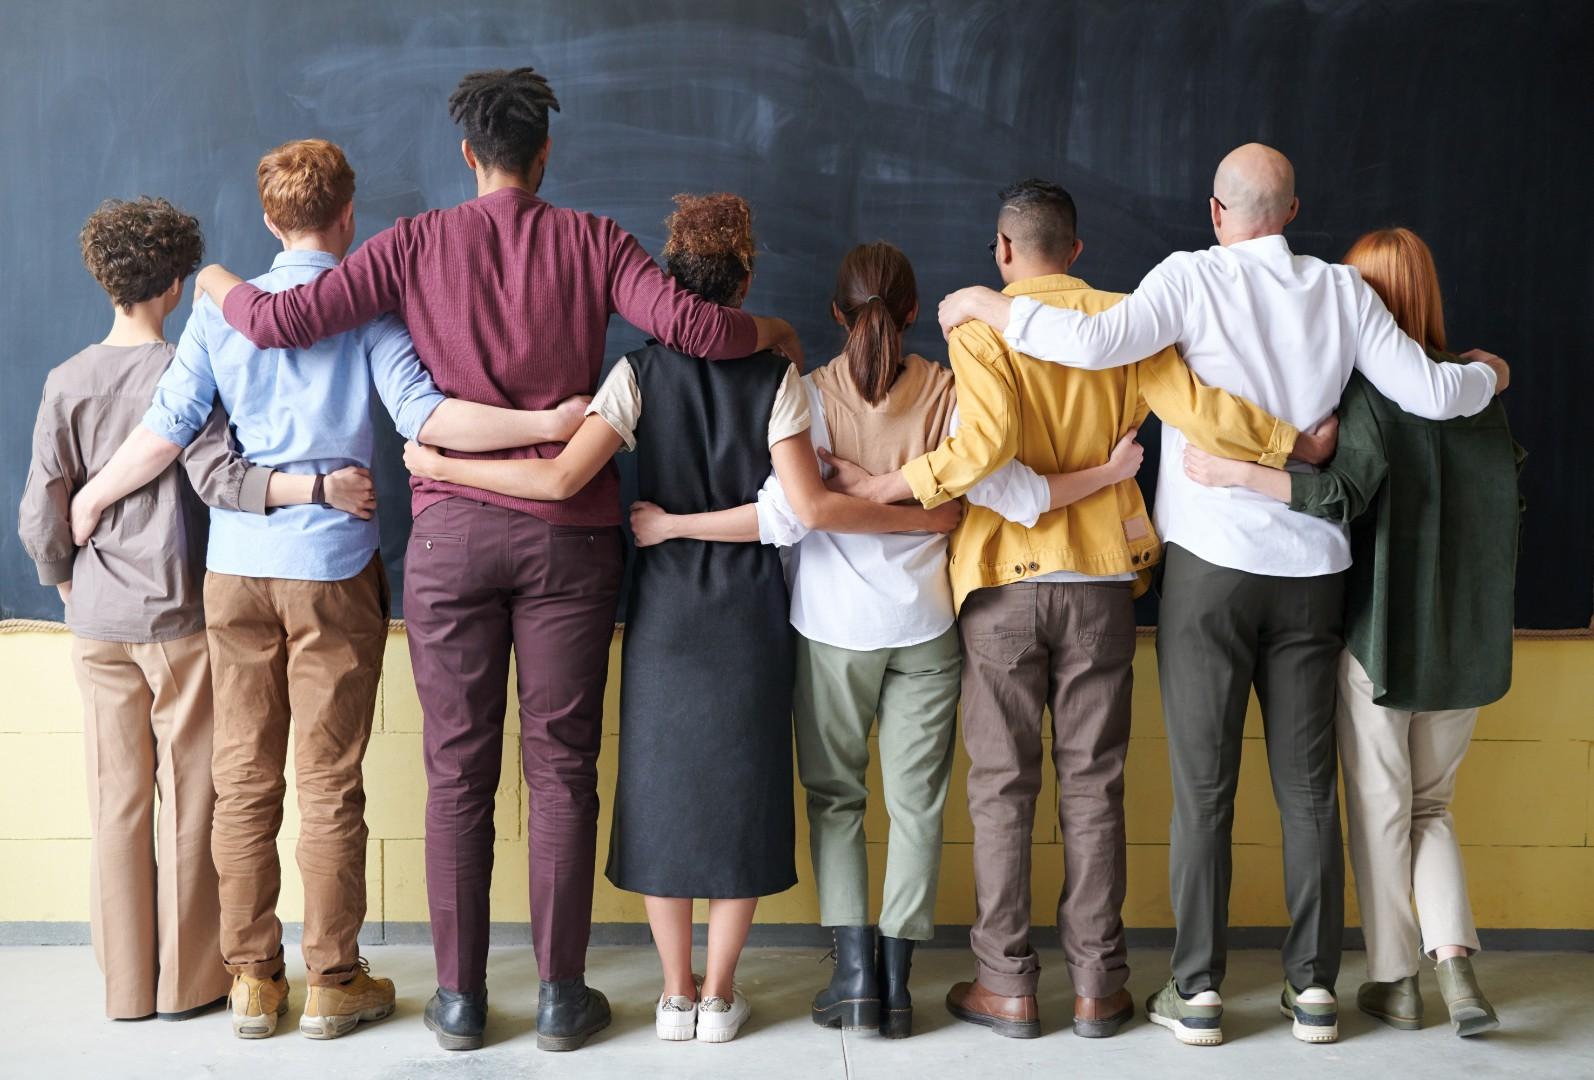 group-of-people-standing-indoors-3184396.jpg